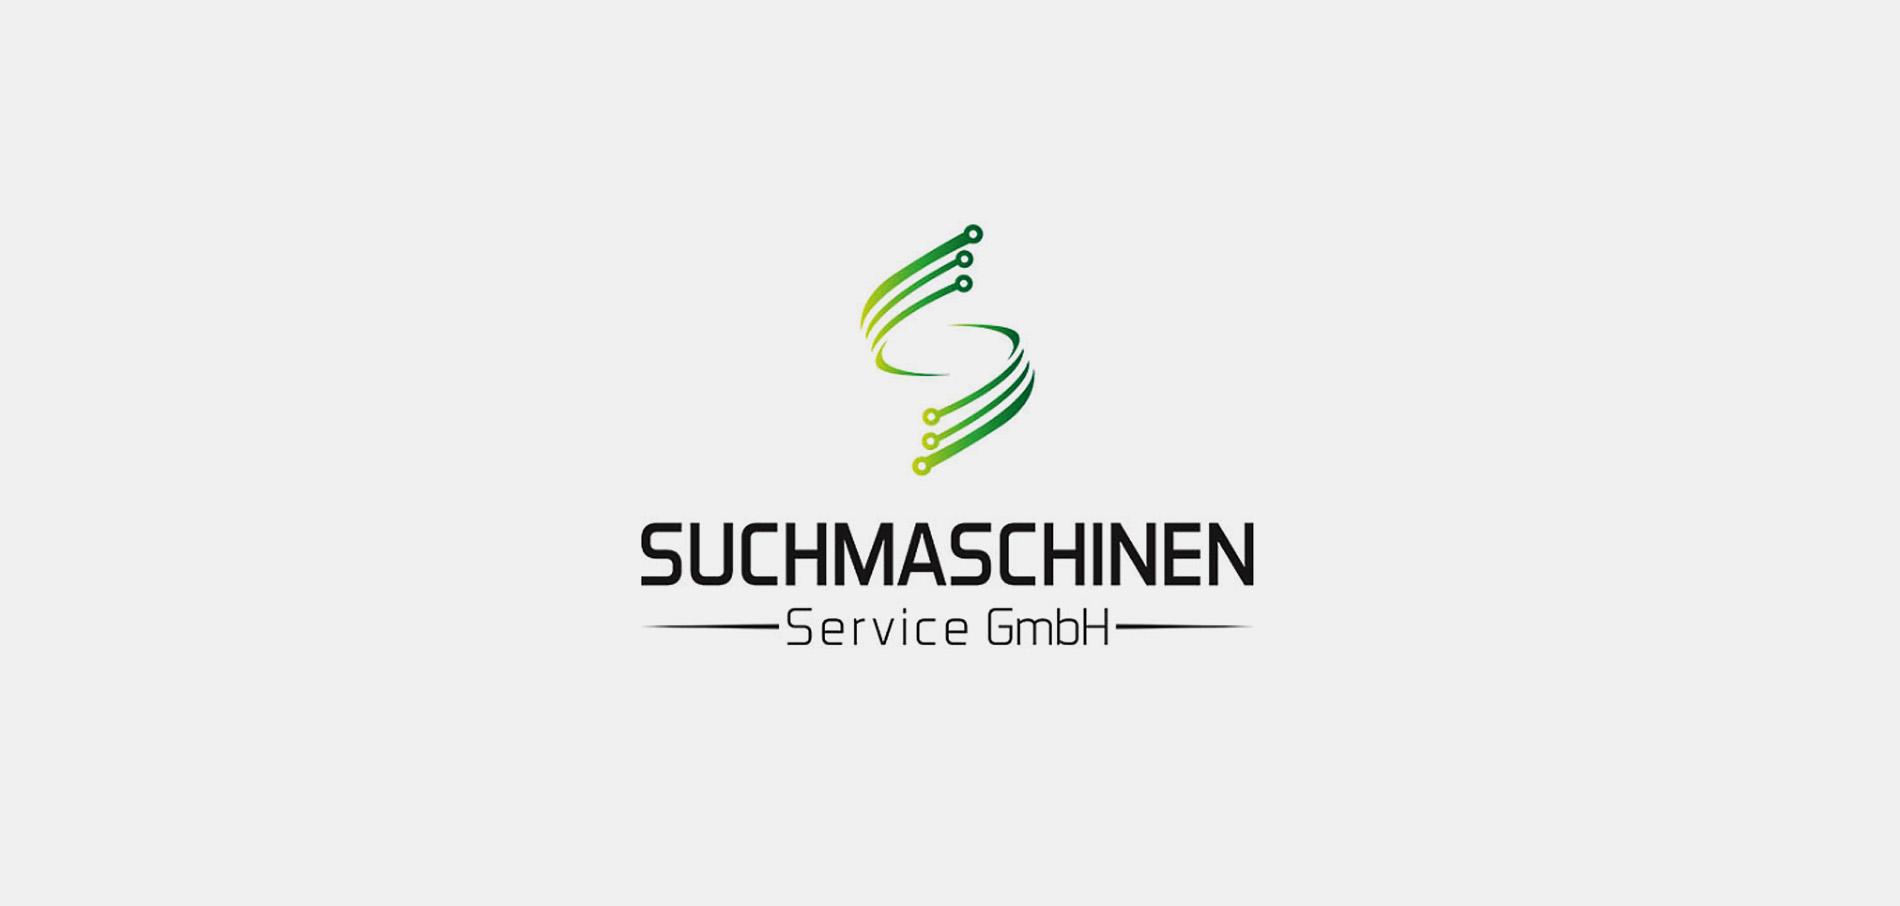 Suchmaschinen Service GmbH